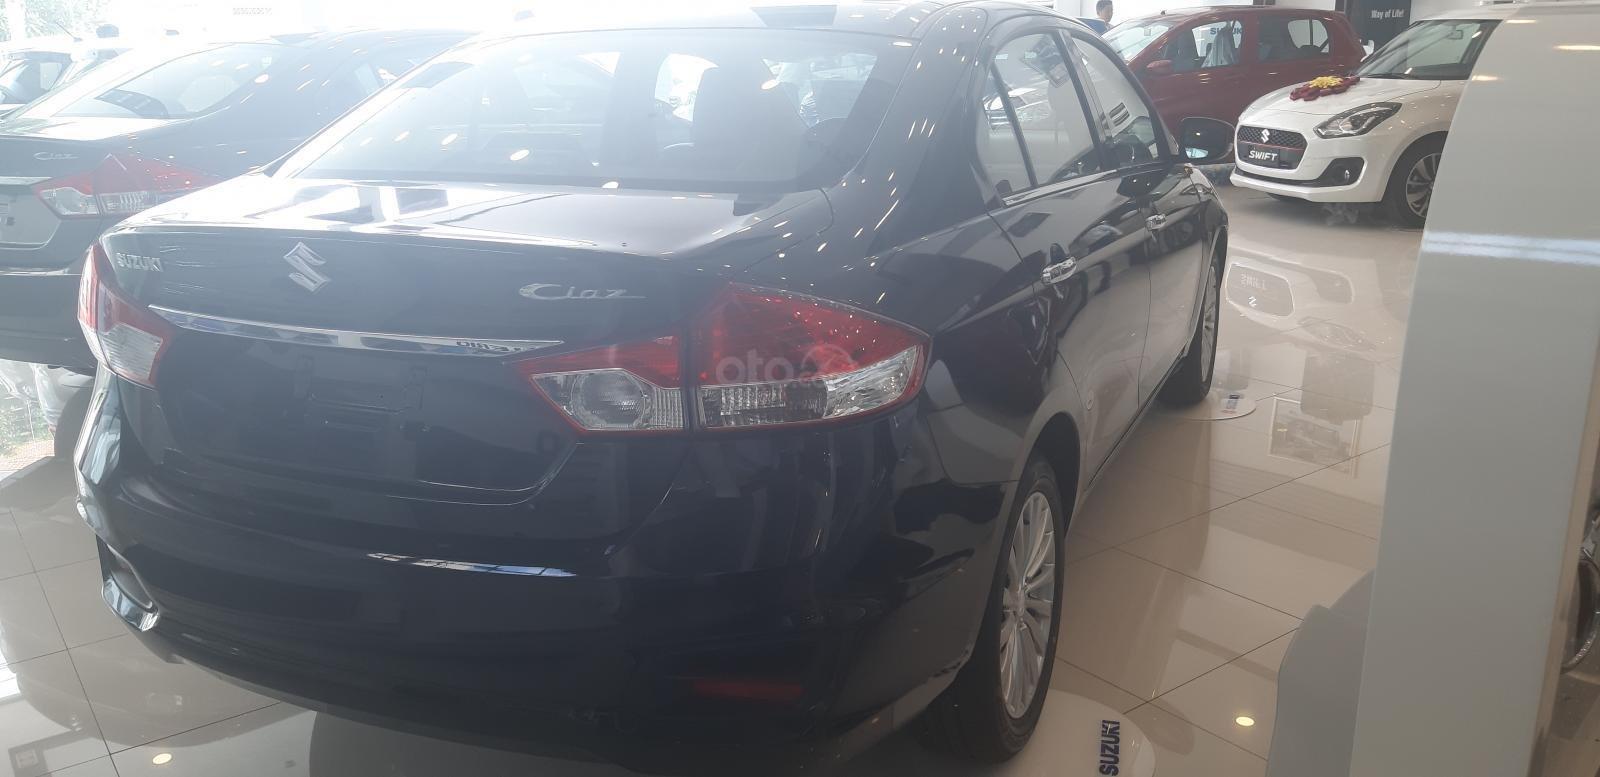 Suzuki Ciaz 2019 hỗ trợ trả góp 100% giá trị xe, chỉ trả chi phí đăng kí xe (1)